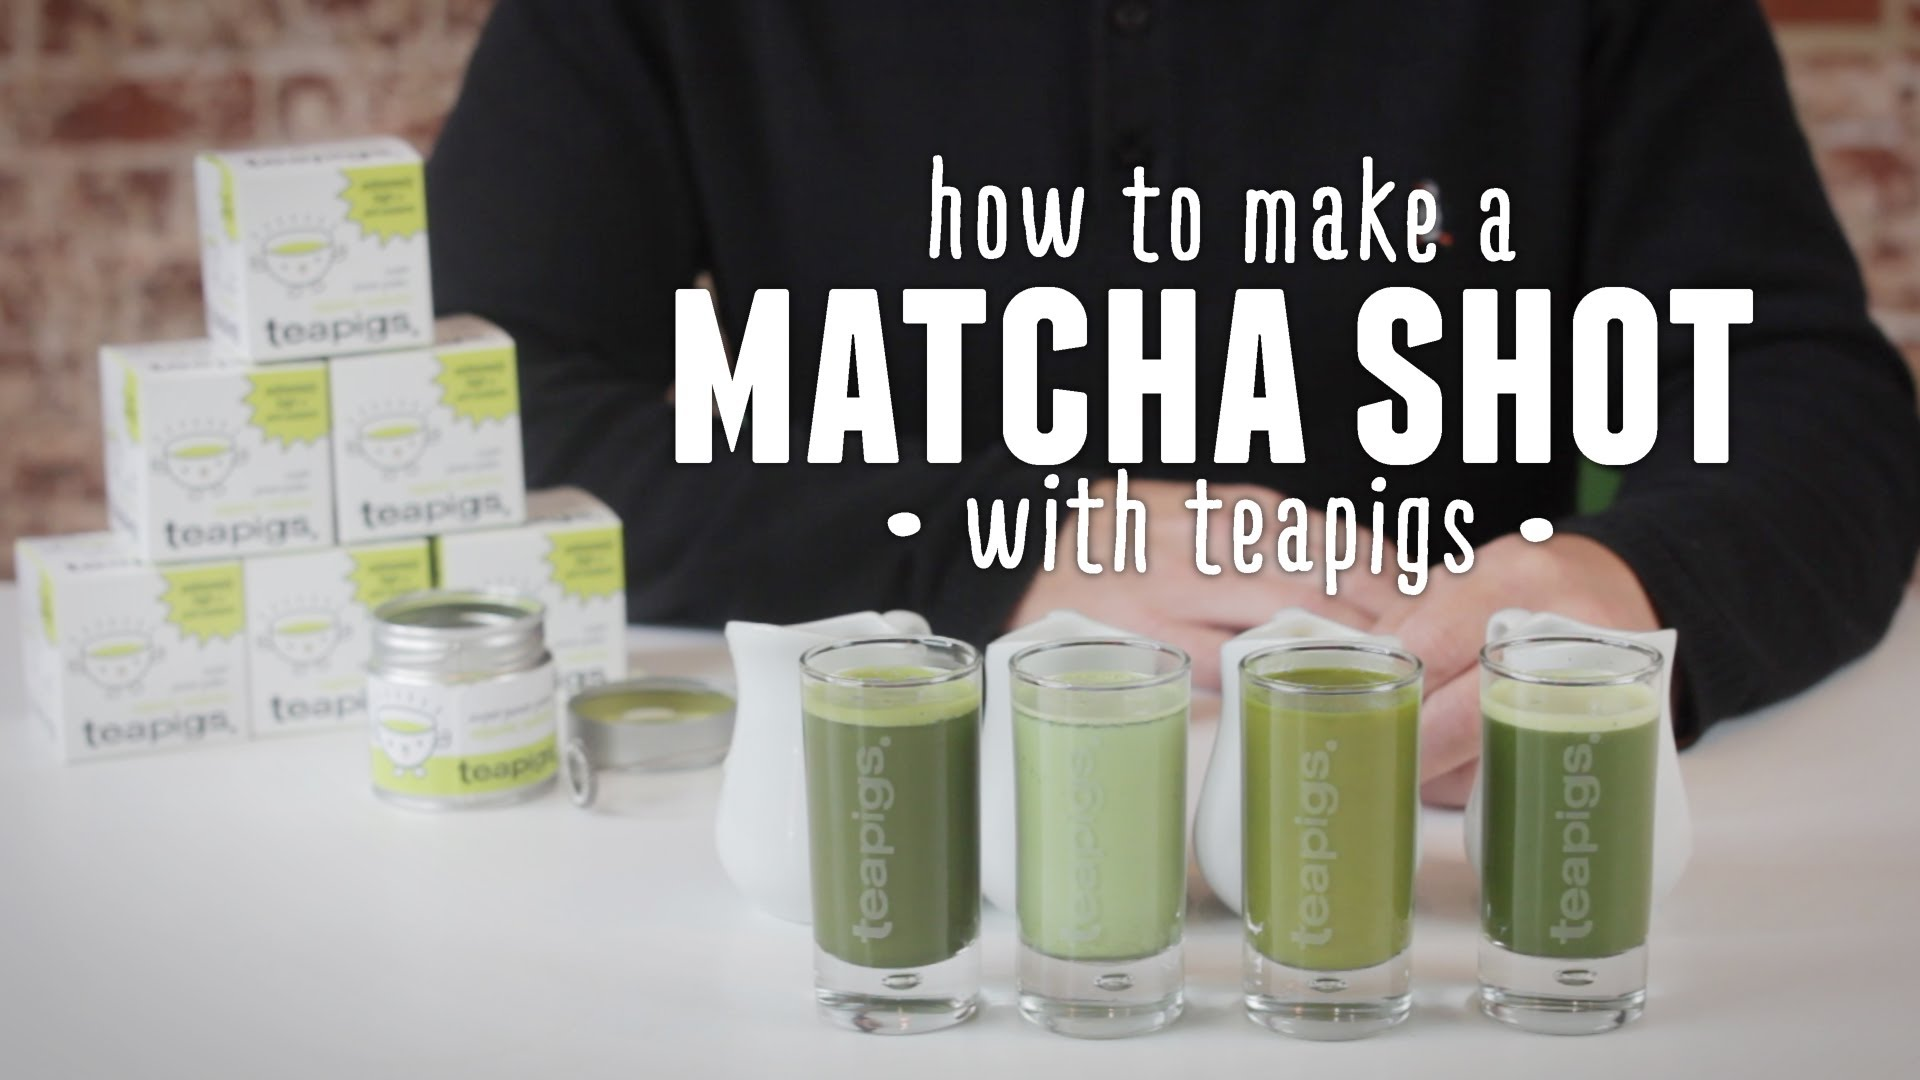 the matcha shot